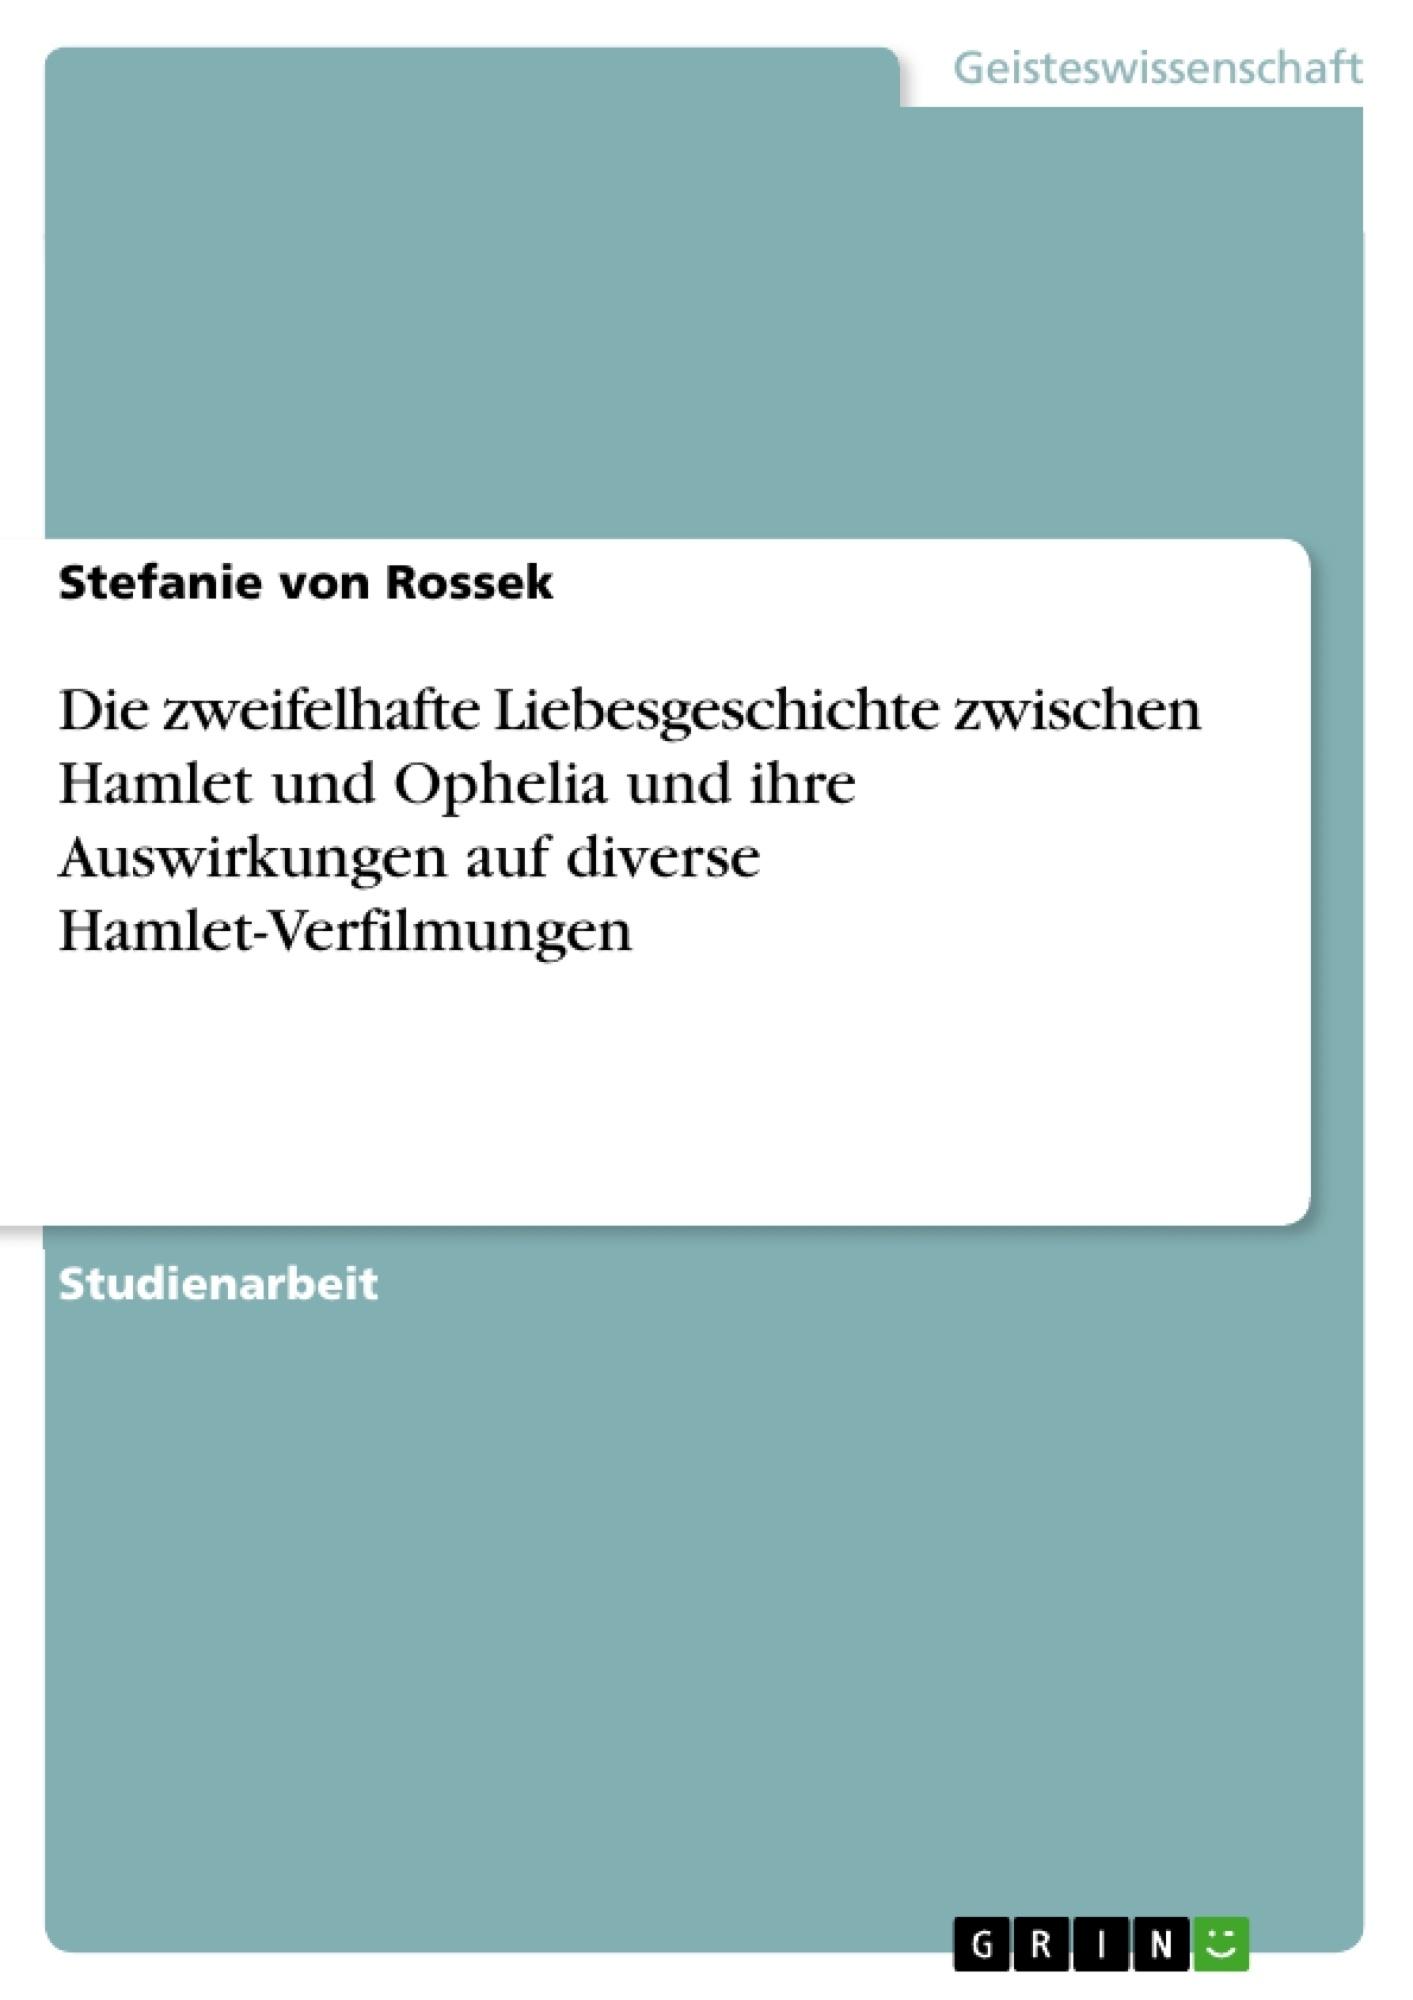 Titel: Die zweifelhafte Liebesgeschichte zwischen Hamlet und Ophelia und ihre Auswirkungen auf diverse Hamlet-Verfilmungen